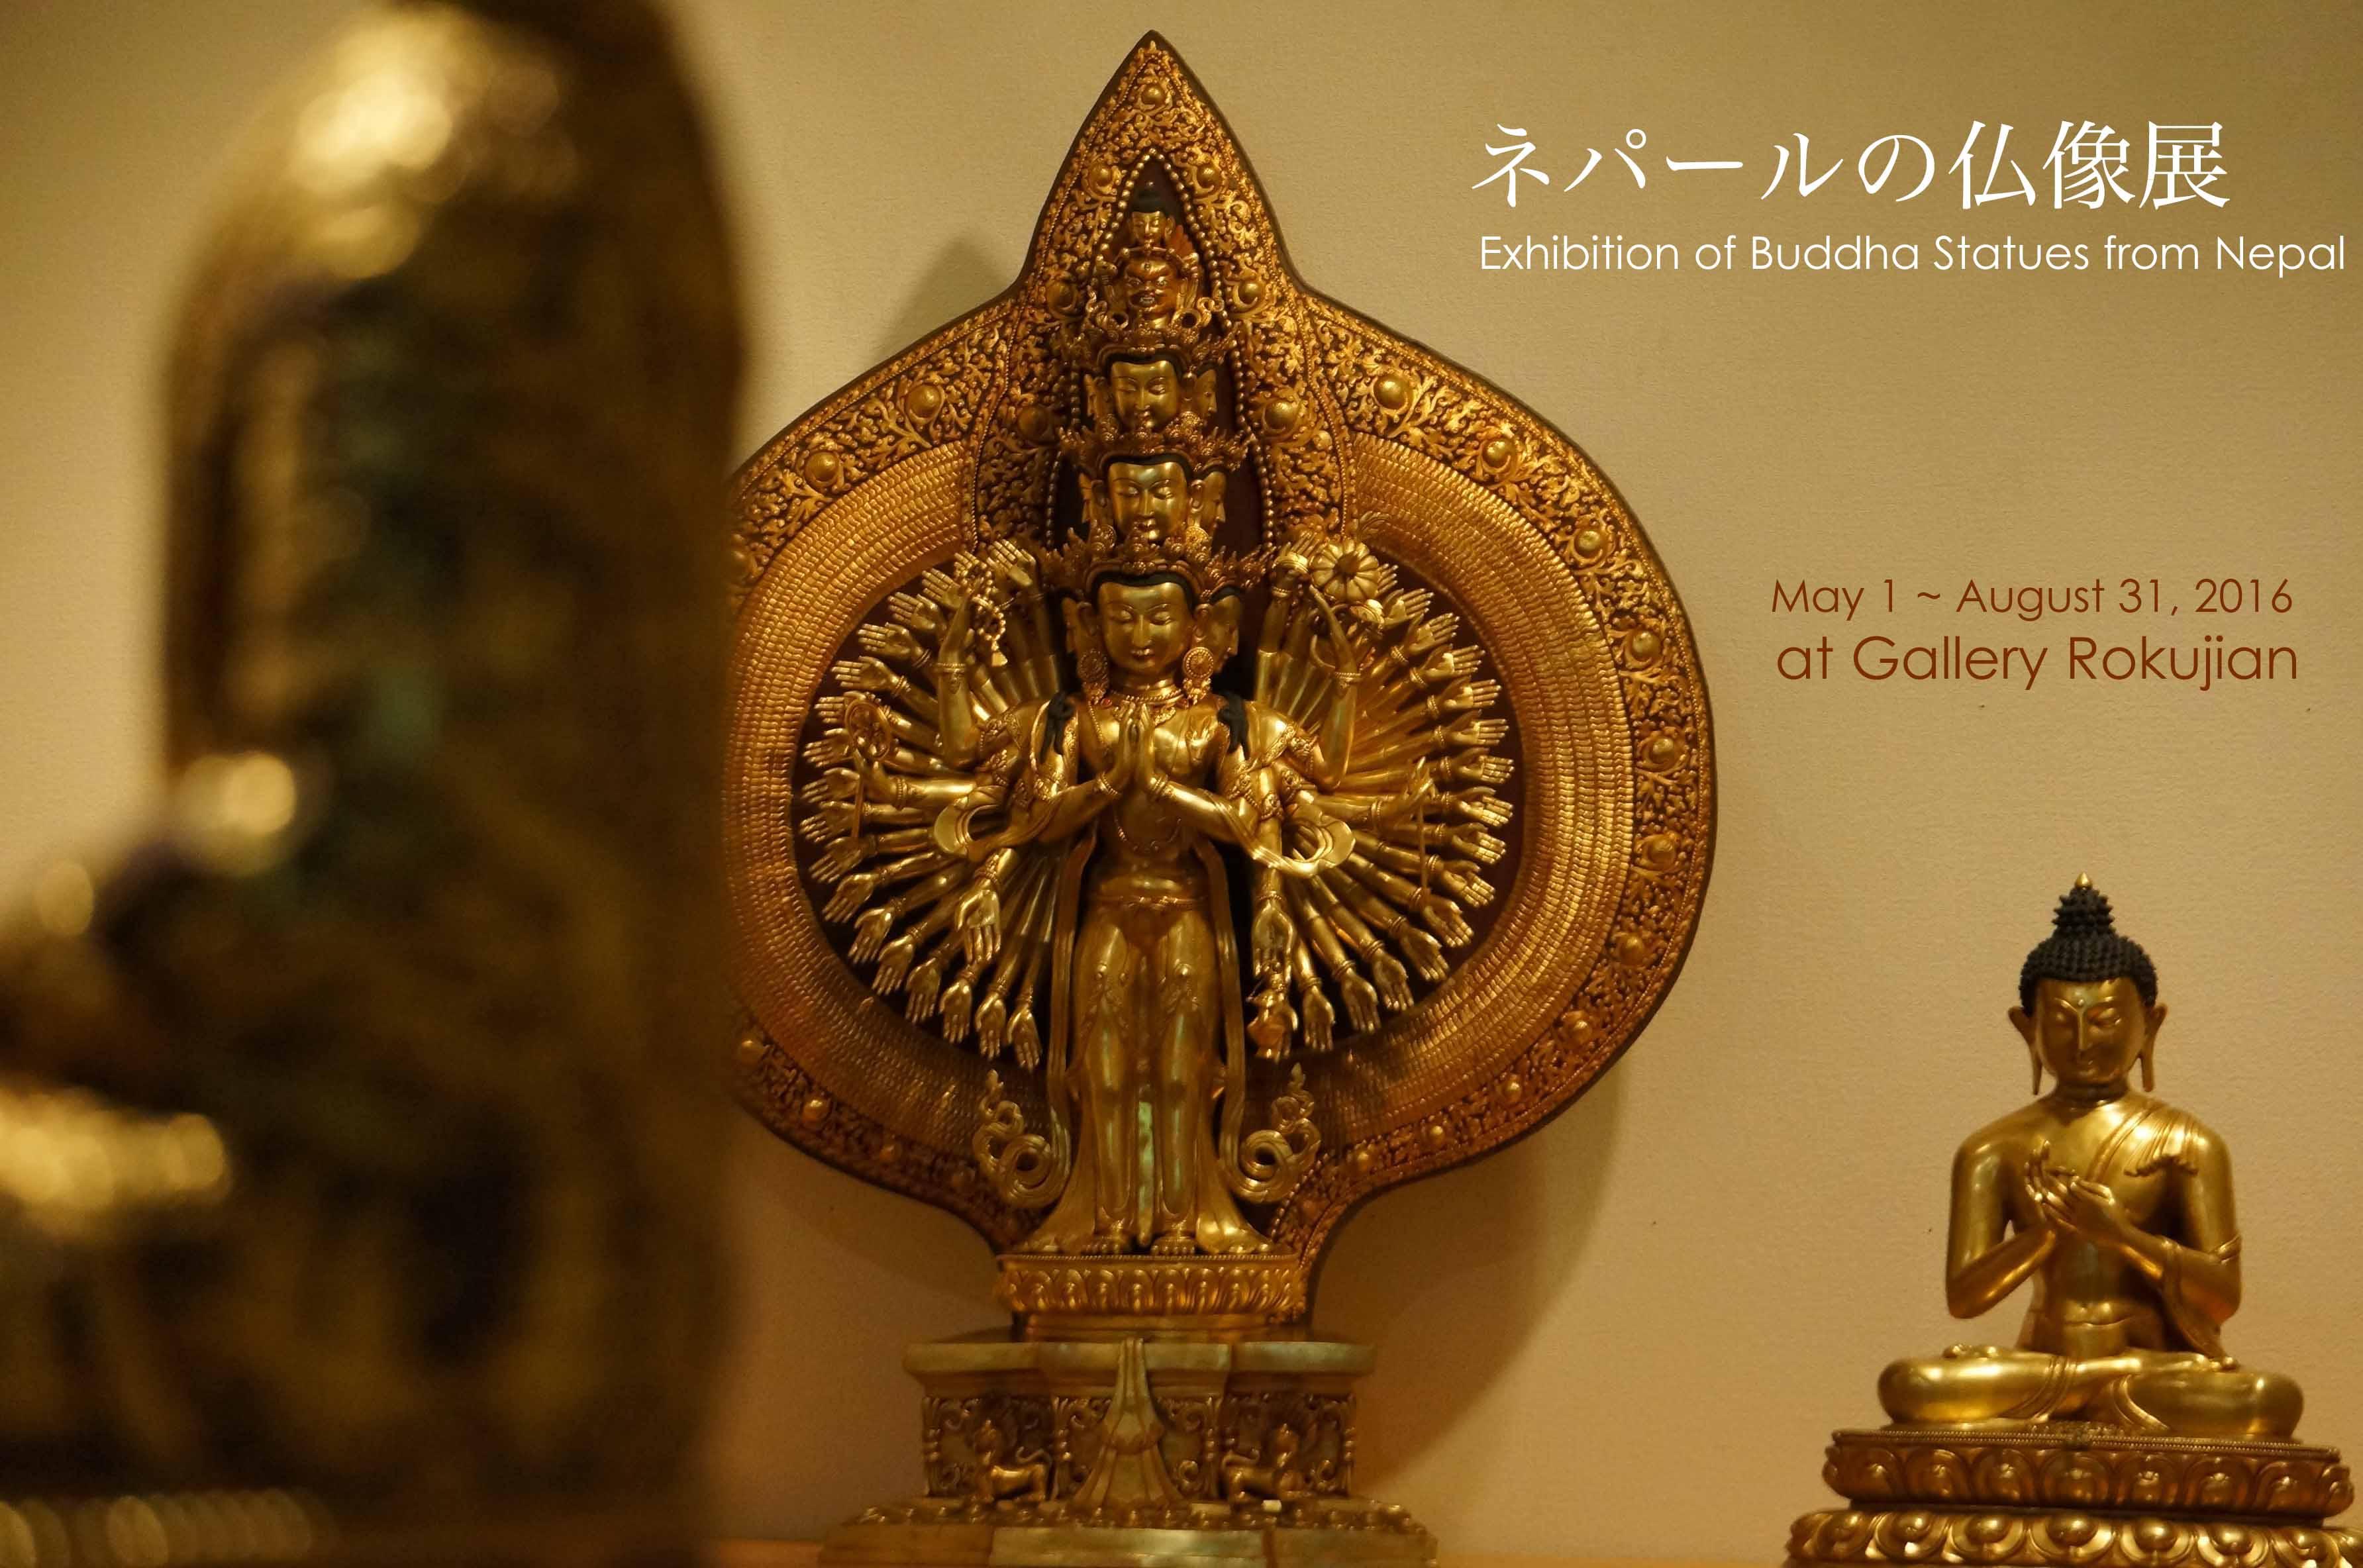 ベジタリアン・メニューin Cafe Rokujian_e0247444_12445716.jpg